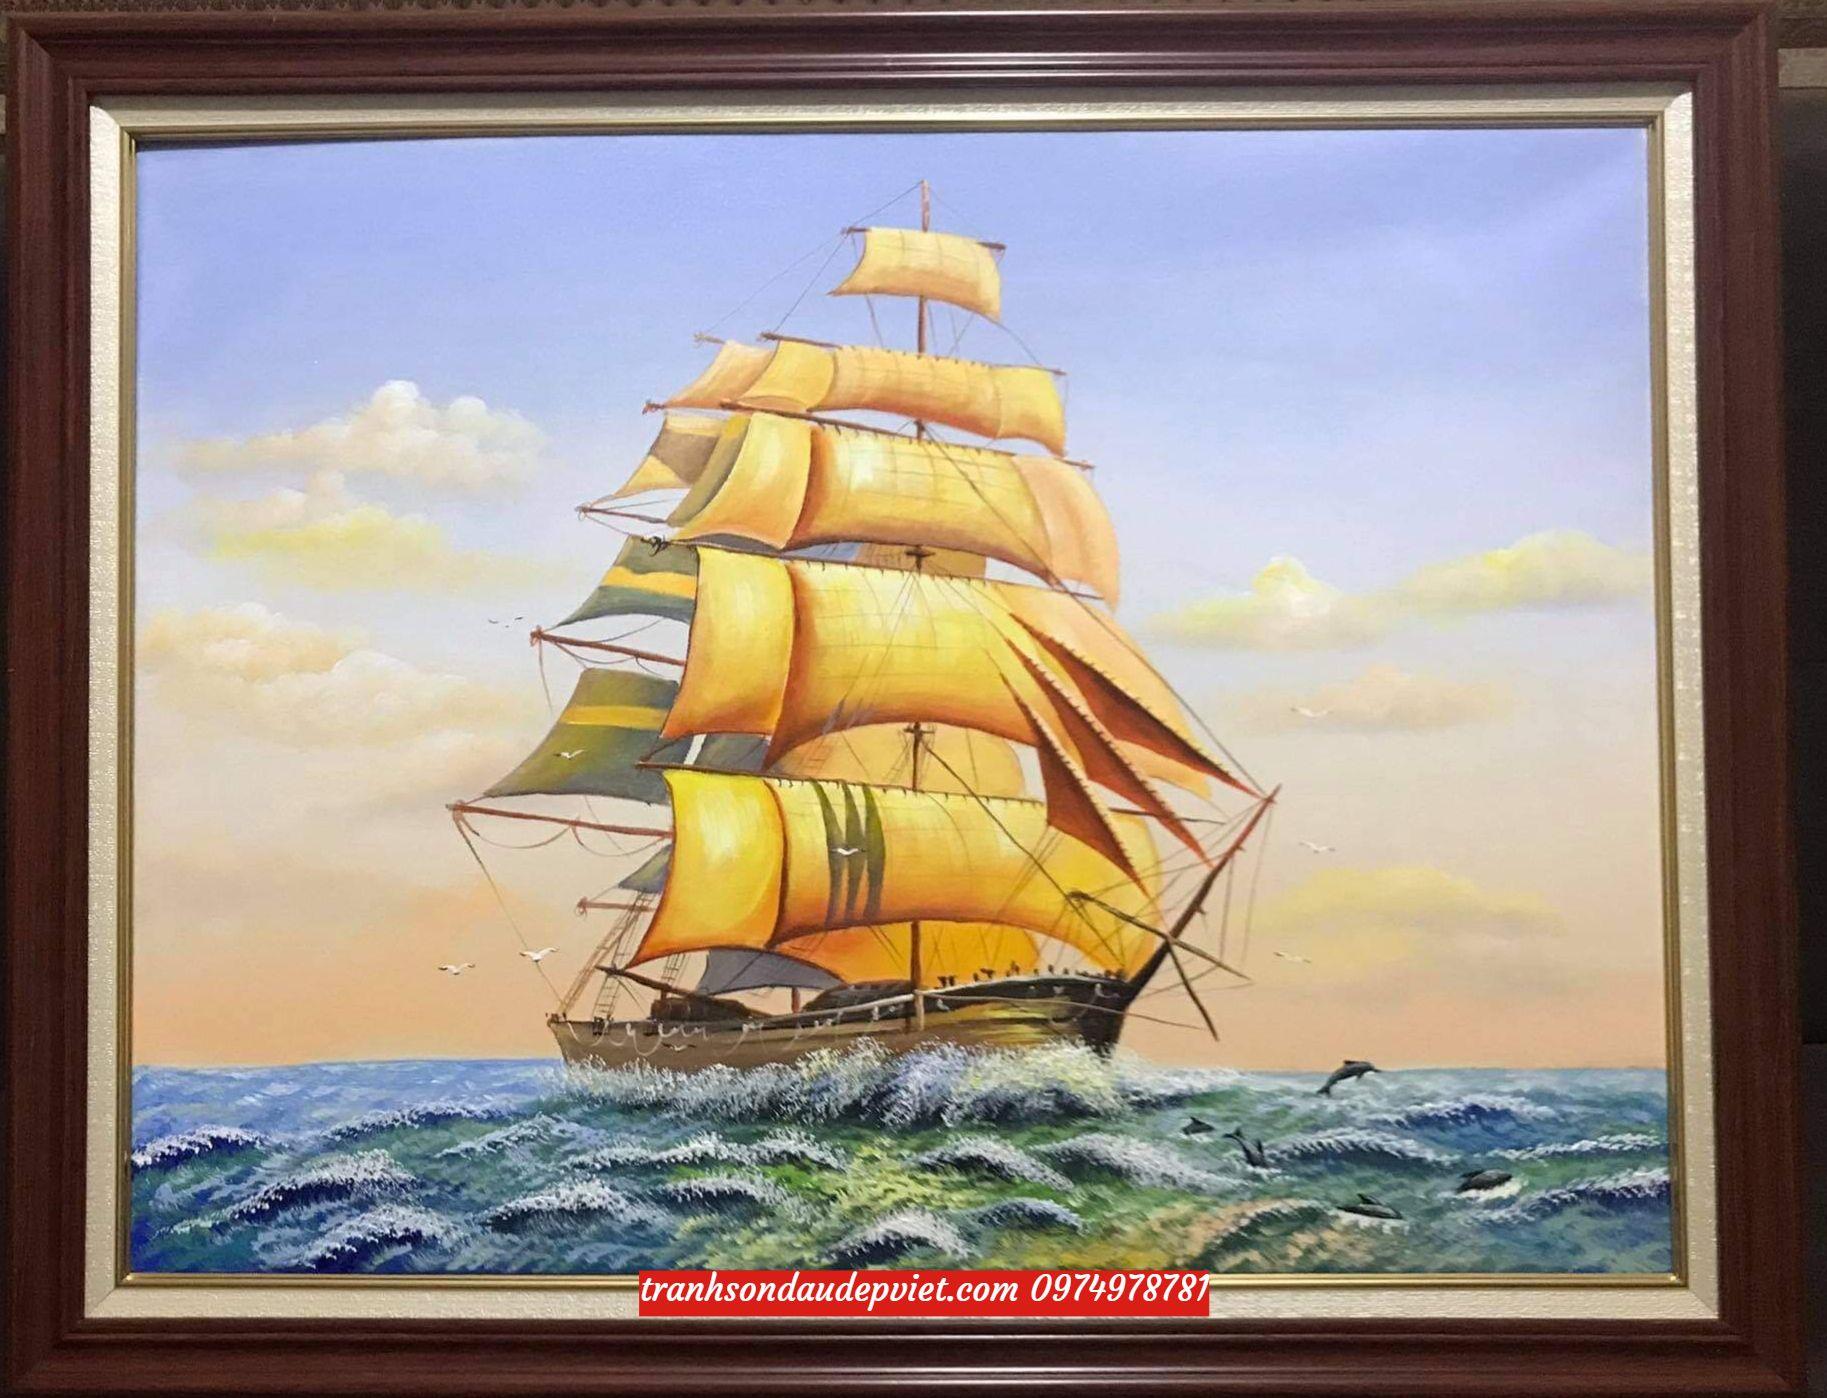 Tranh thuận buồm xuôi gió, tranh sơn dầu treo ý nghĩa SB08